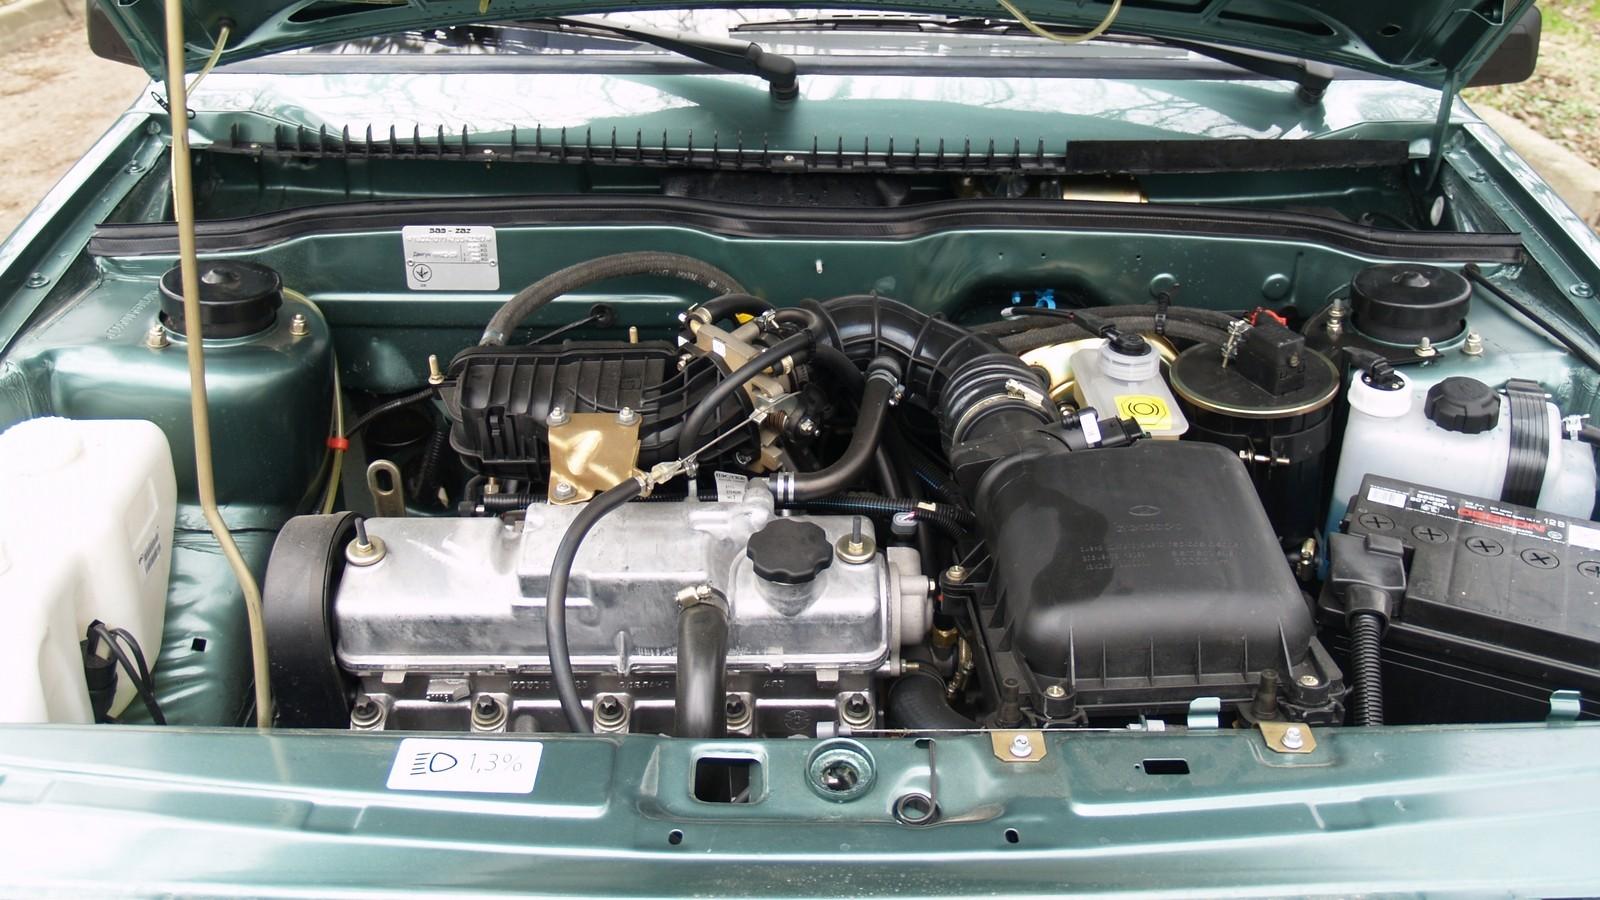 Двигатель 11183-20 объемом 1,6 литра был чуть мощнее и тяговитее обычной «полторашки». Визуально мотор можно отличить по пластиковому модулю впускного коллектора.